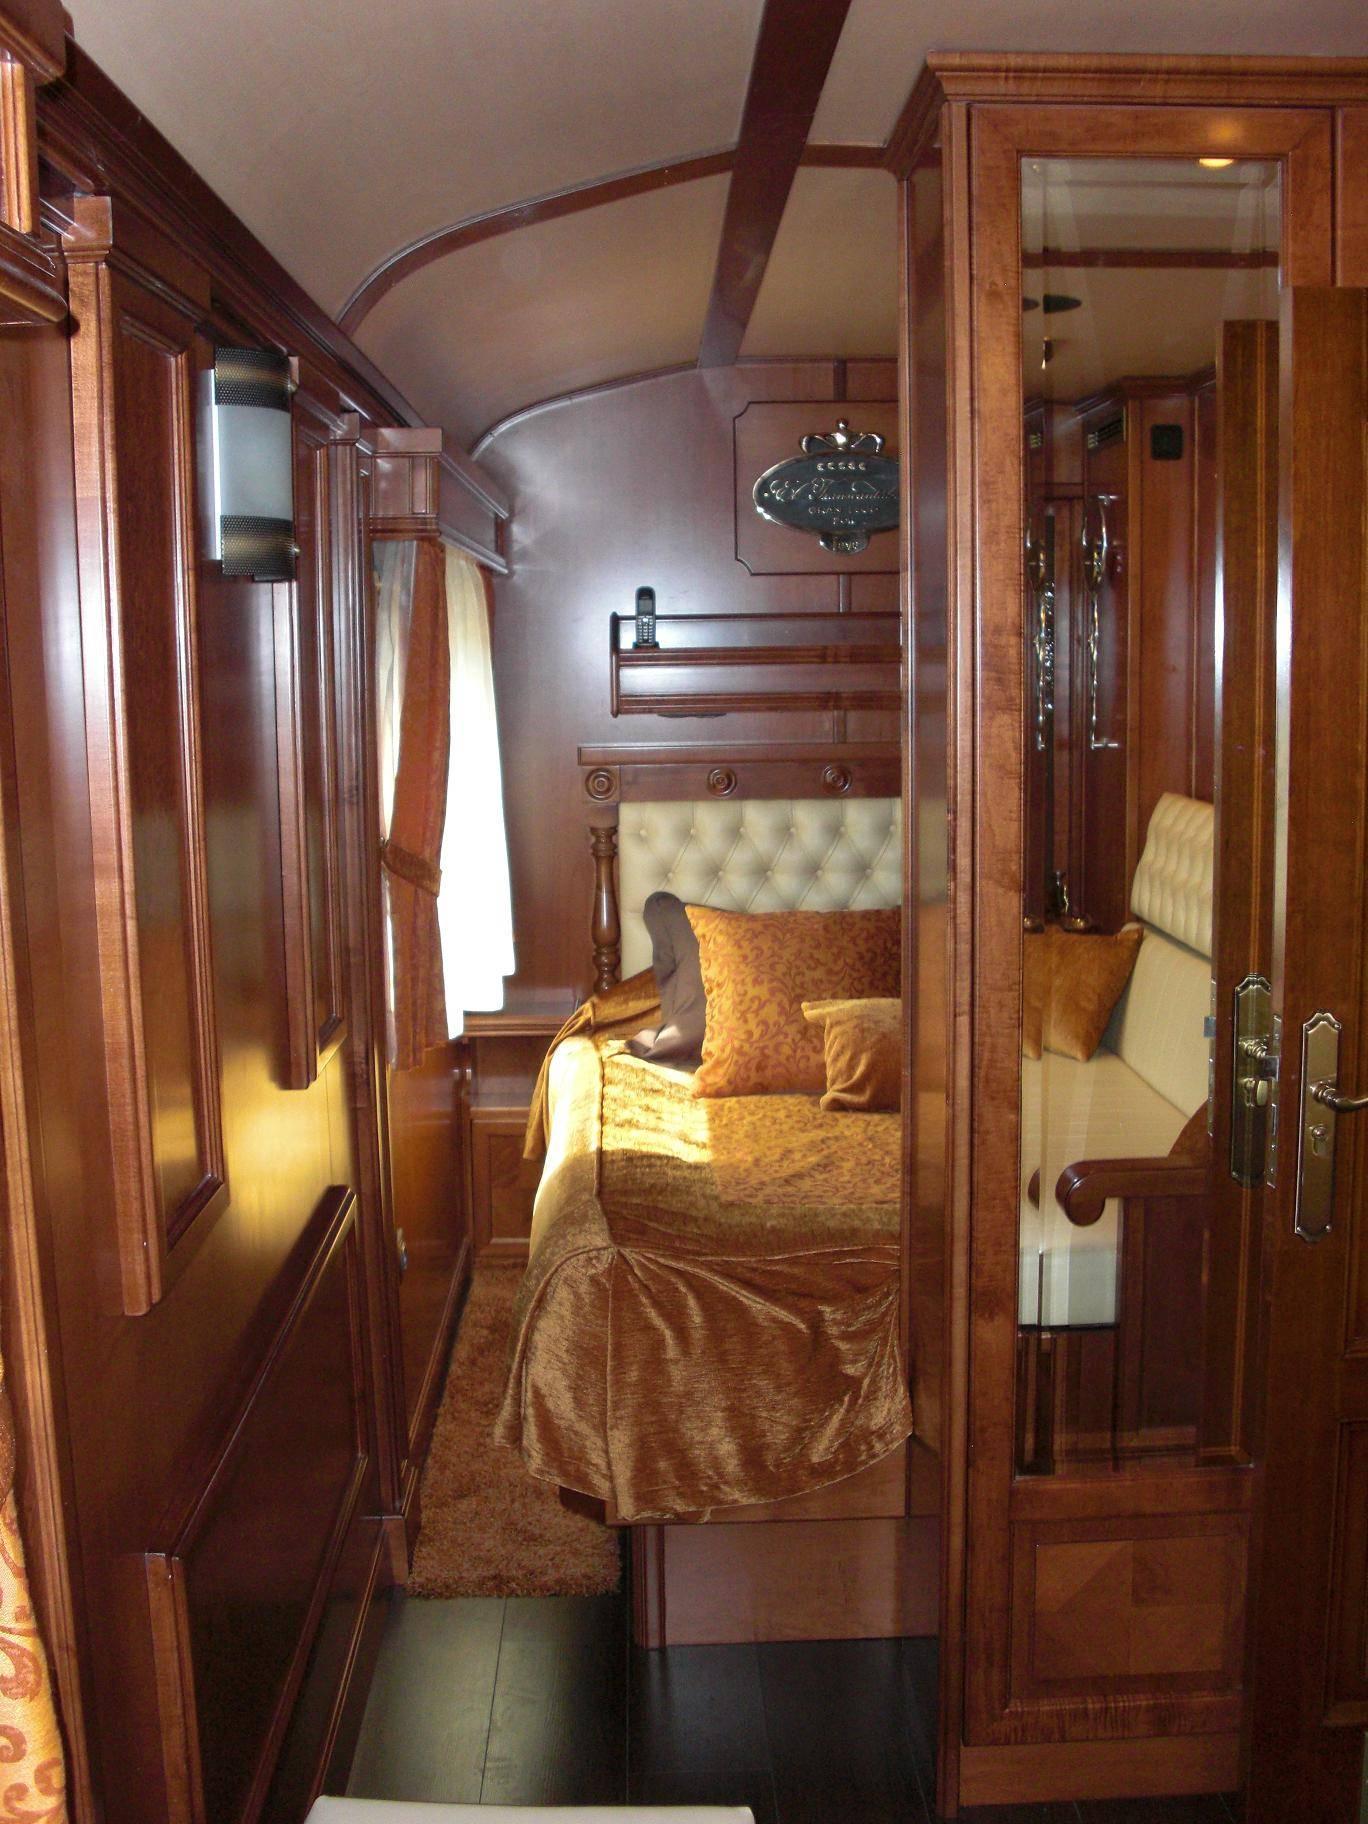 El Transcantabrico Spain Luxury Train - 1